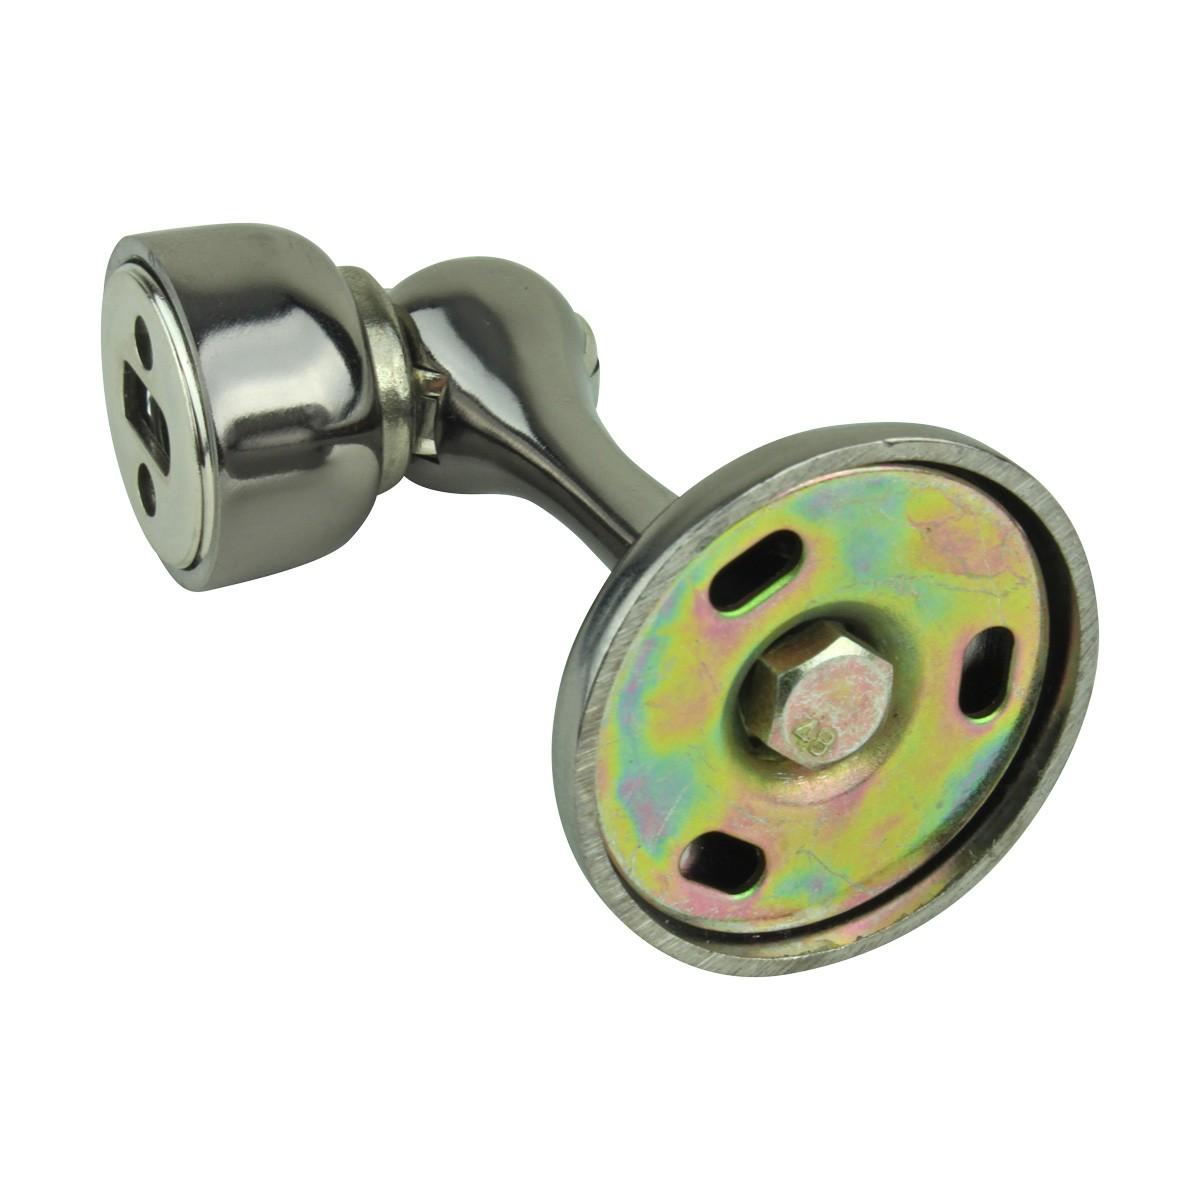 10 Magnetic Door Stop Safety Catch Black Nickel Zinc Alloy doorstop door bumper door holder